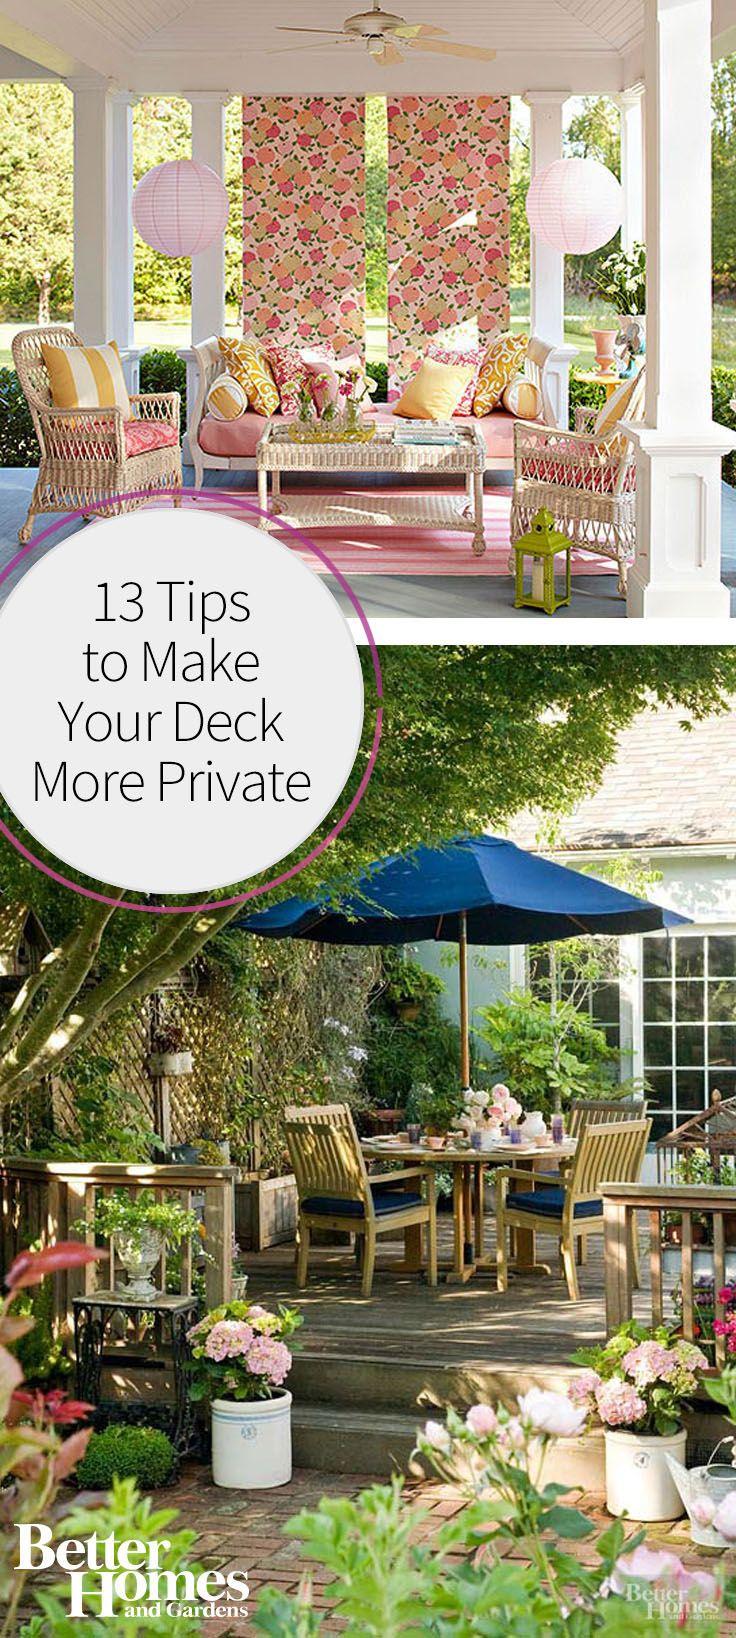 best Deck an images on Pinterest Decks Backyard patio and Good